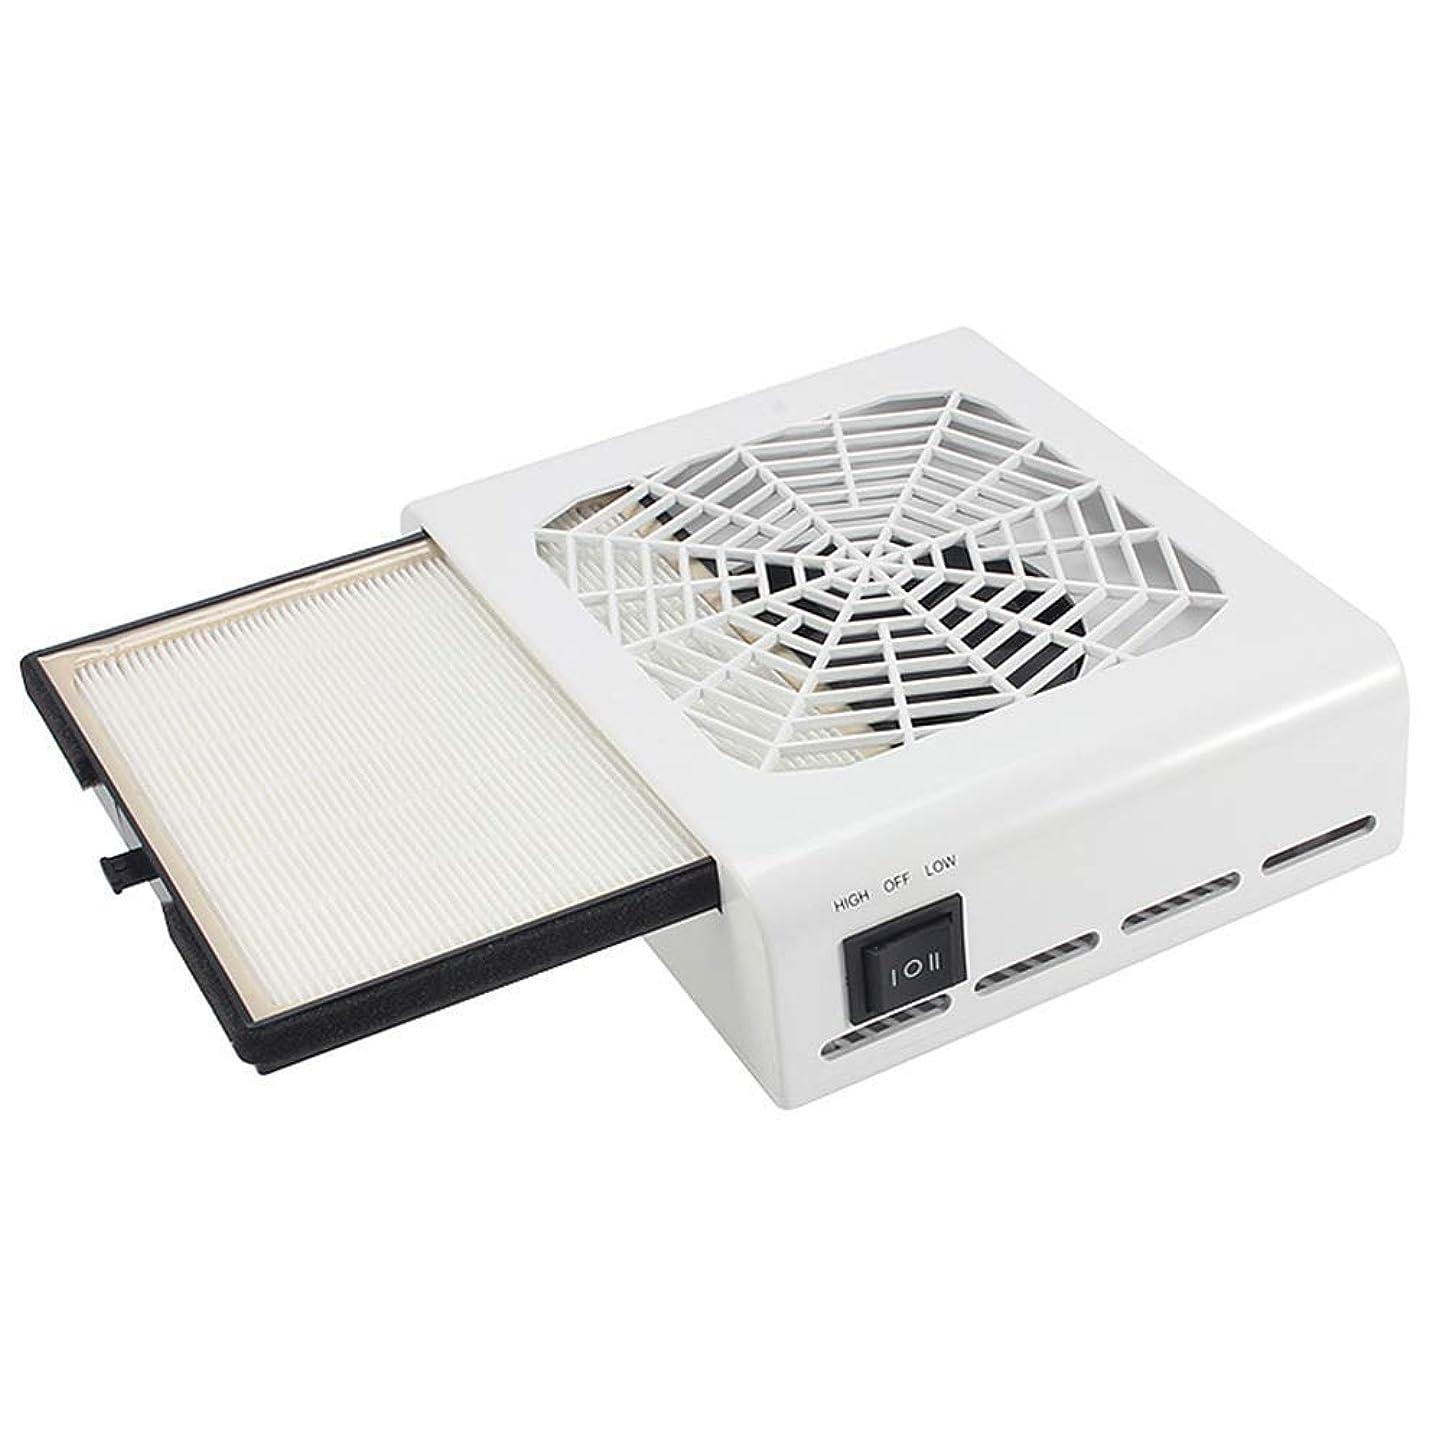 判決細い悲しい45ワット強力な電源ネイルダストコレクター掃除機ネイルファンアートサロン吸引ダストコレクターネイル美容ツールデスク夕暮れキャッチャー